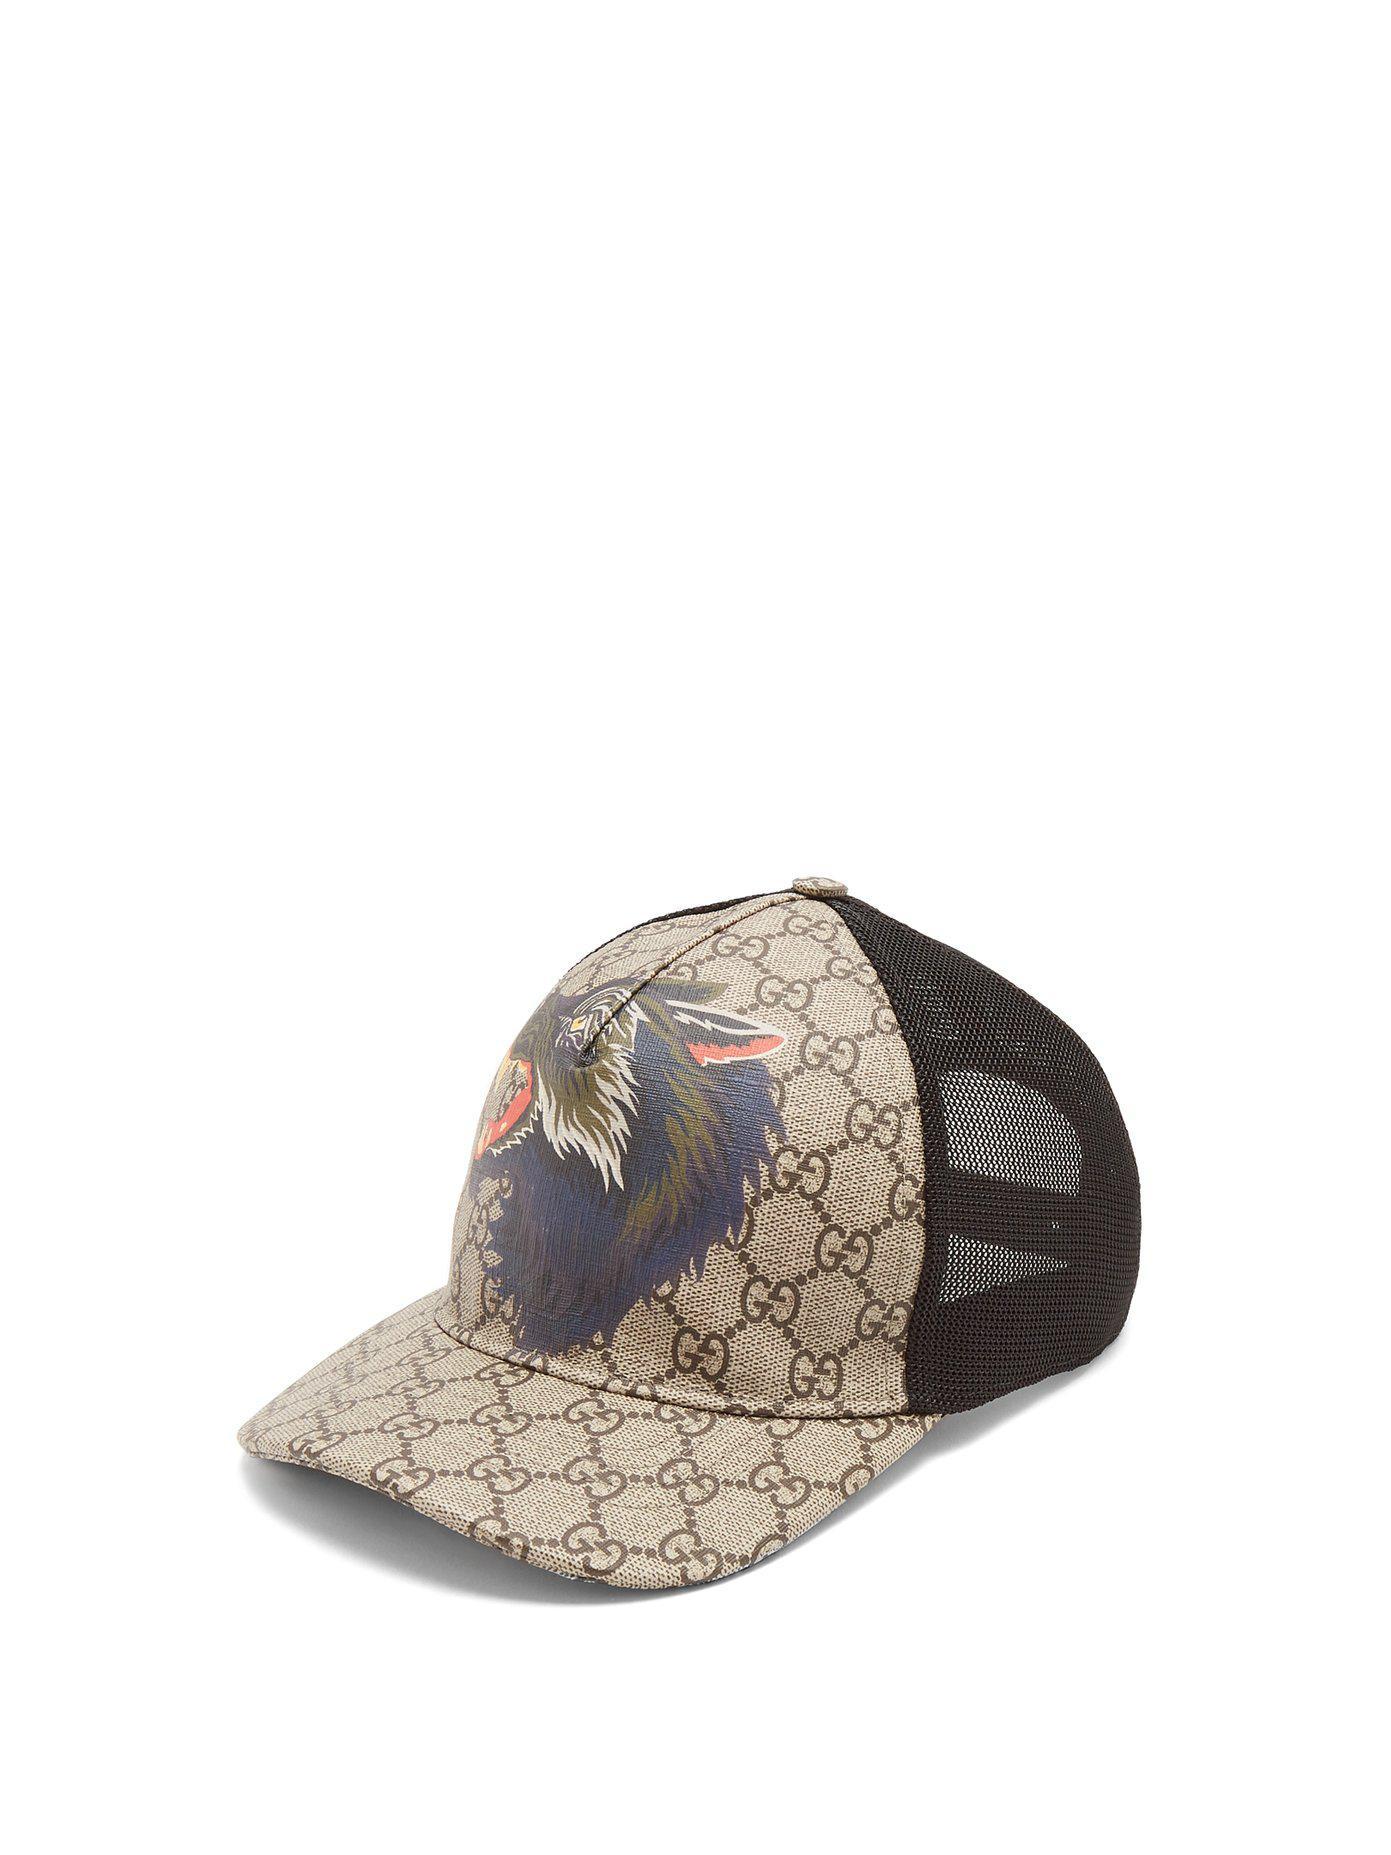 Lyst - Casquette en résille et cuir à imprimé étoiles Gucci pour homme b260469eb74